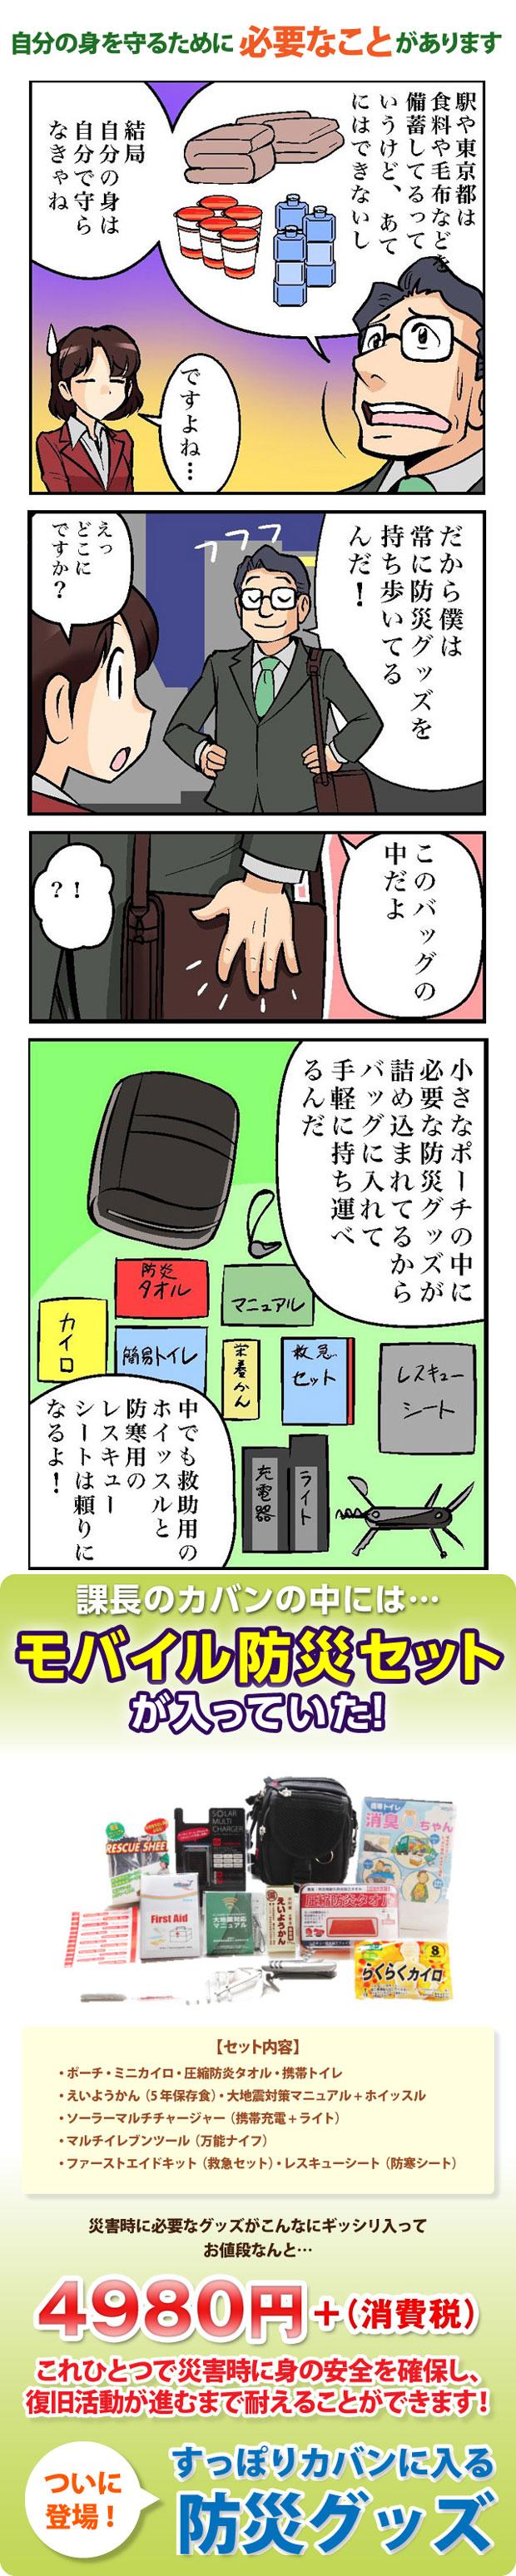 モバイル防災グッズ05